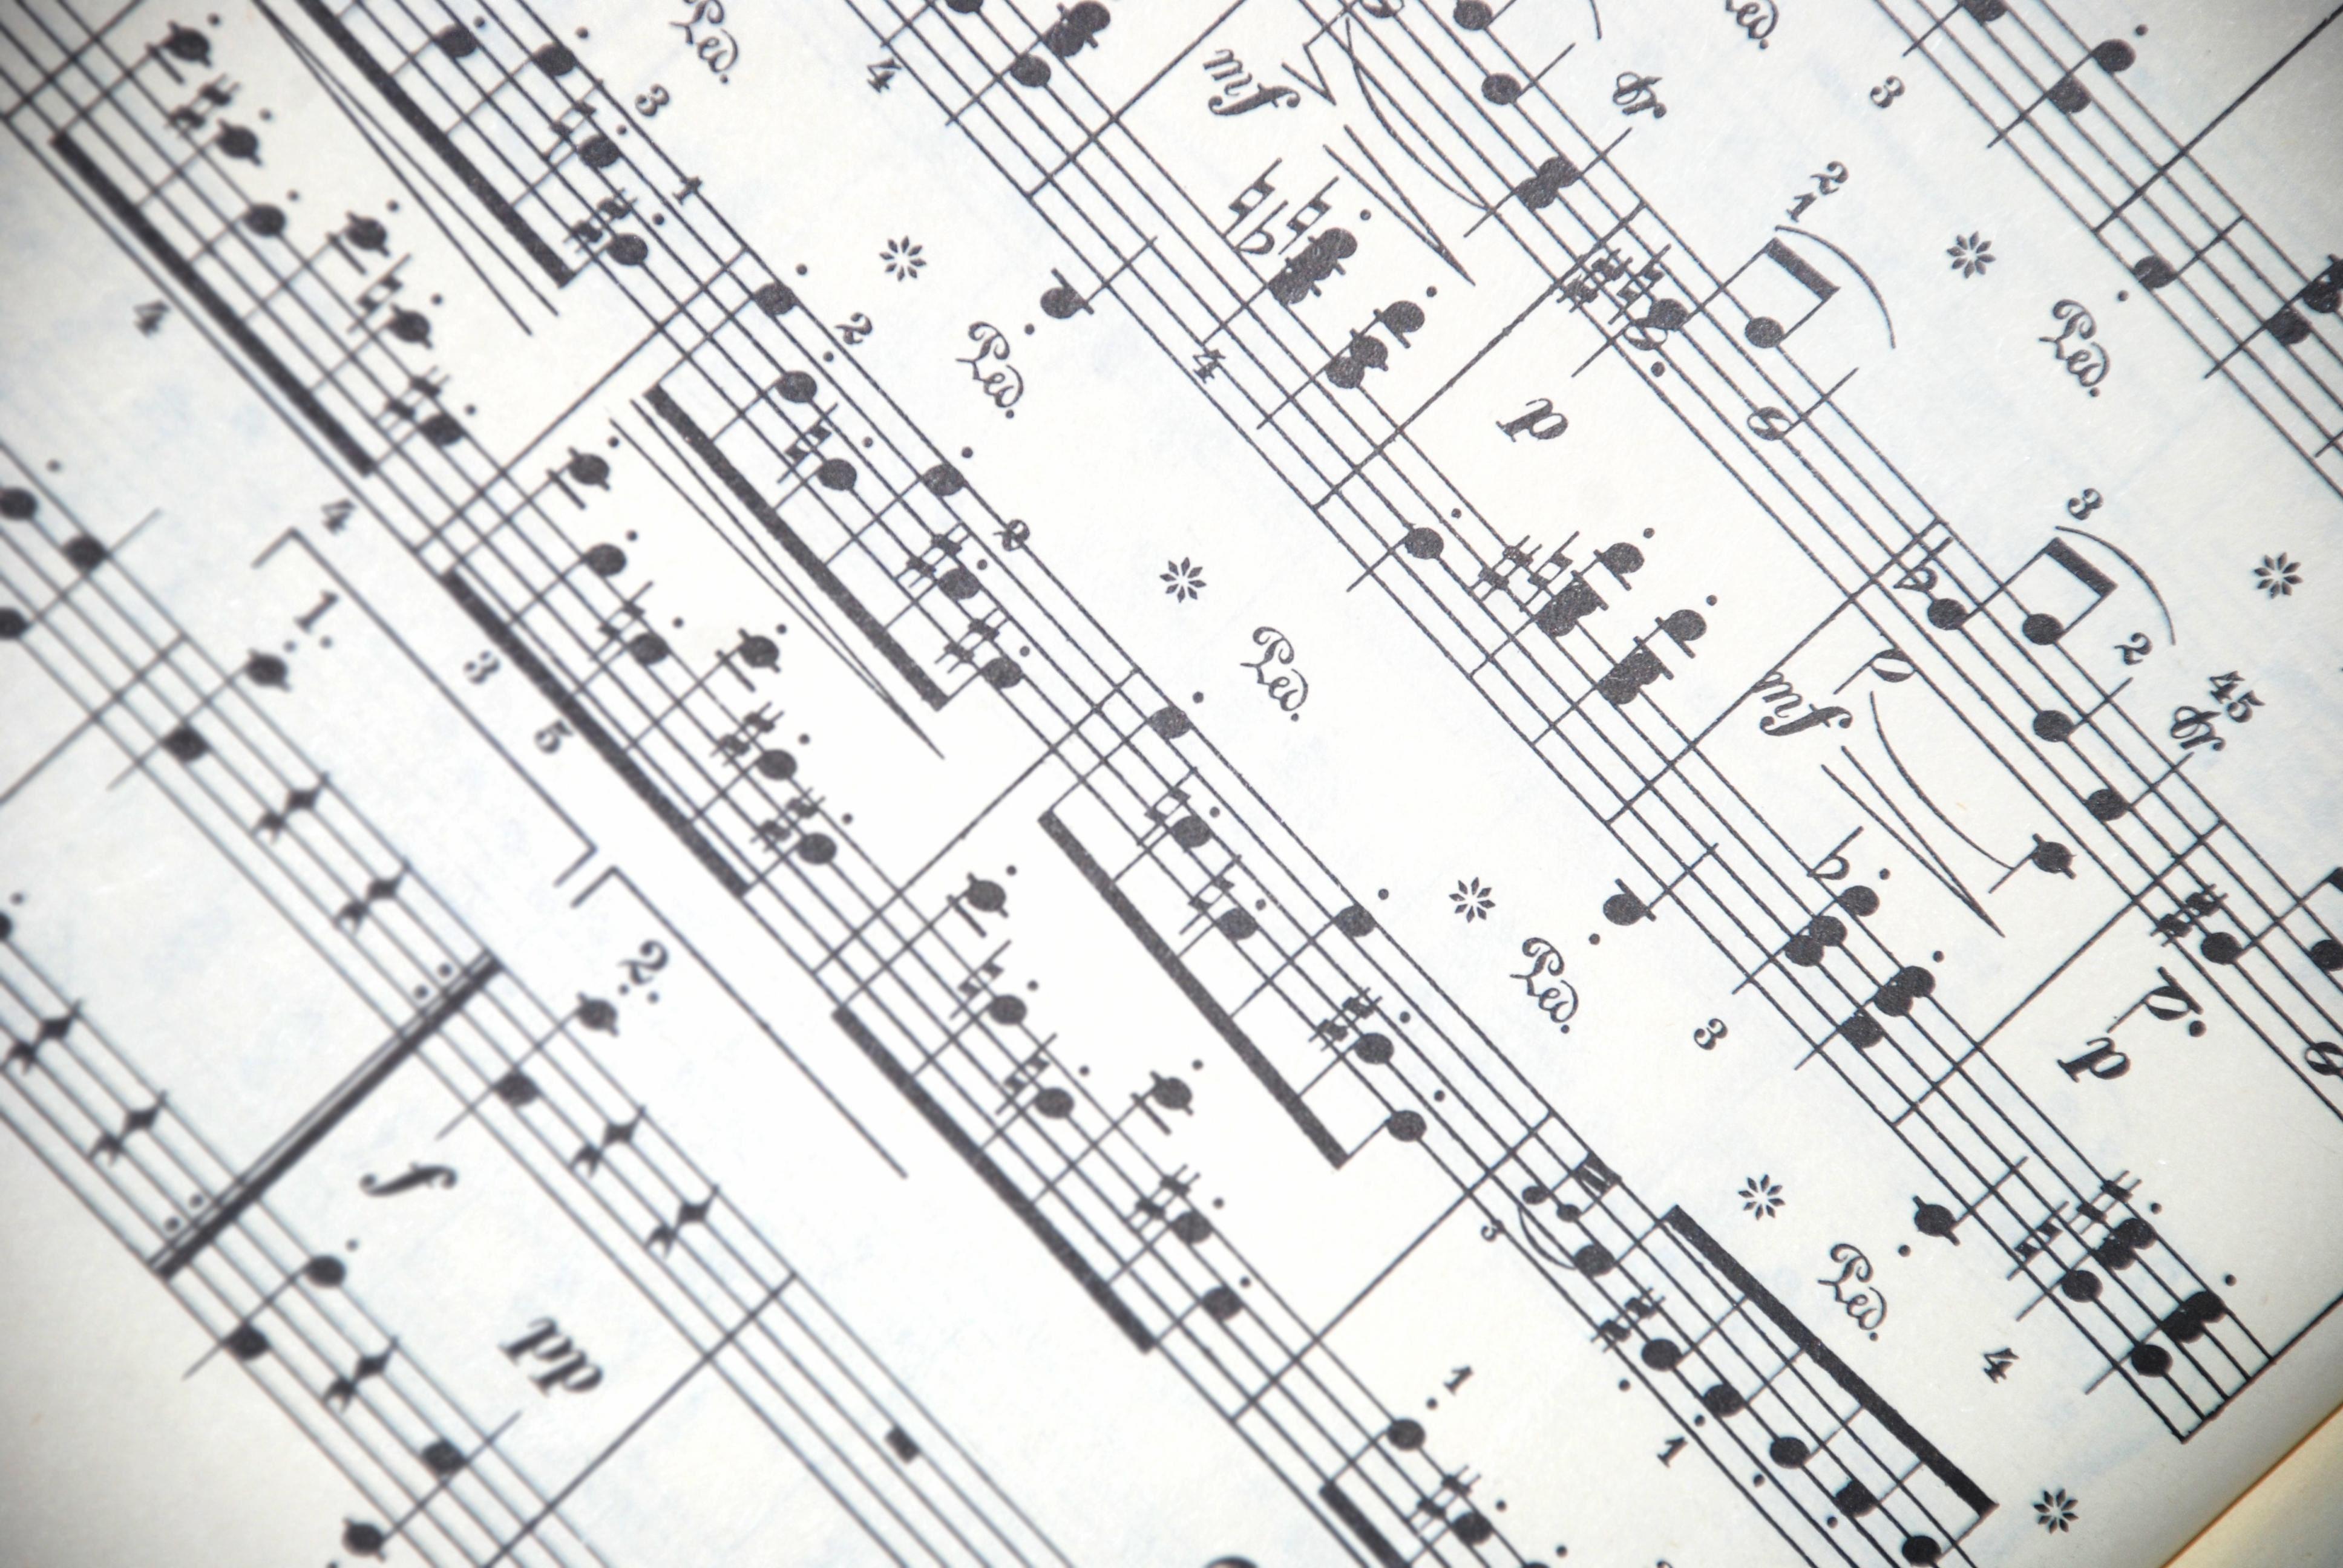 Musik: Den blida vår är inne